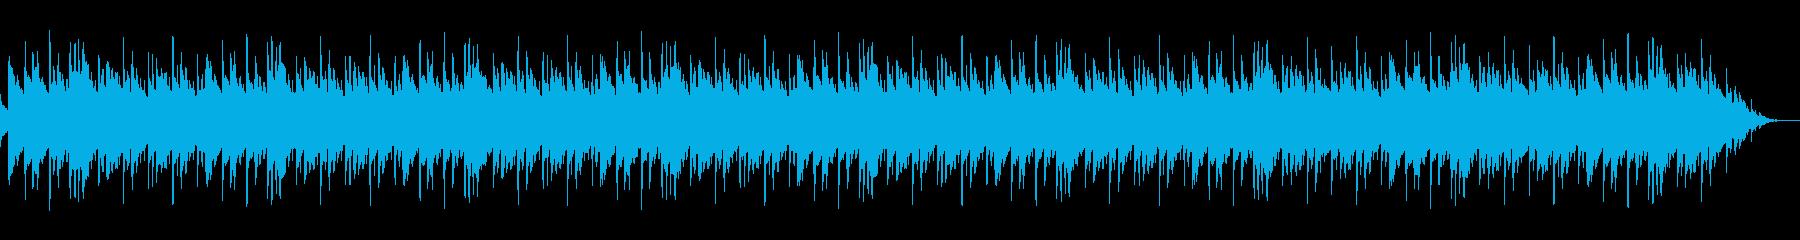 琴を使った繰り返しの短い曲の再生済みの波形